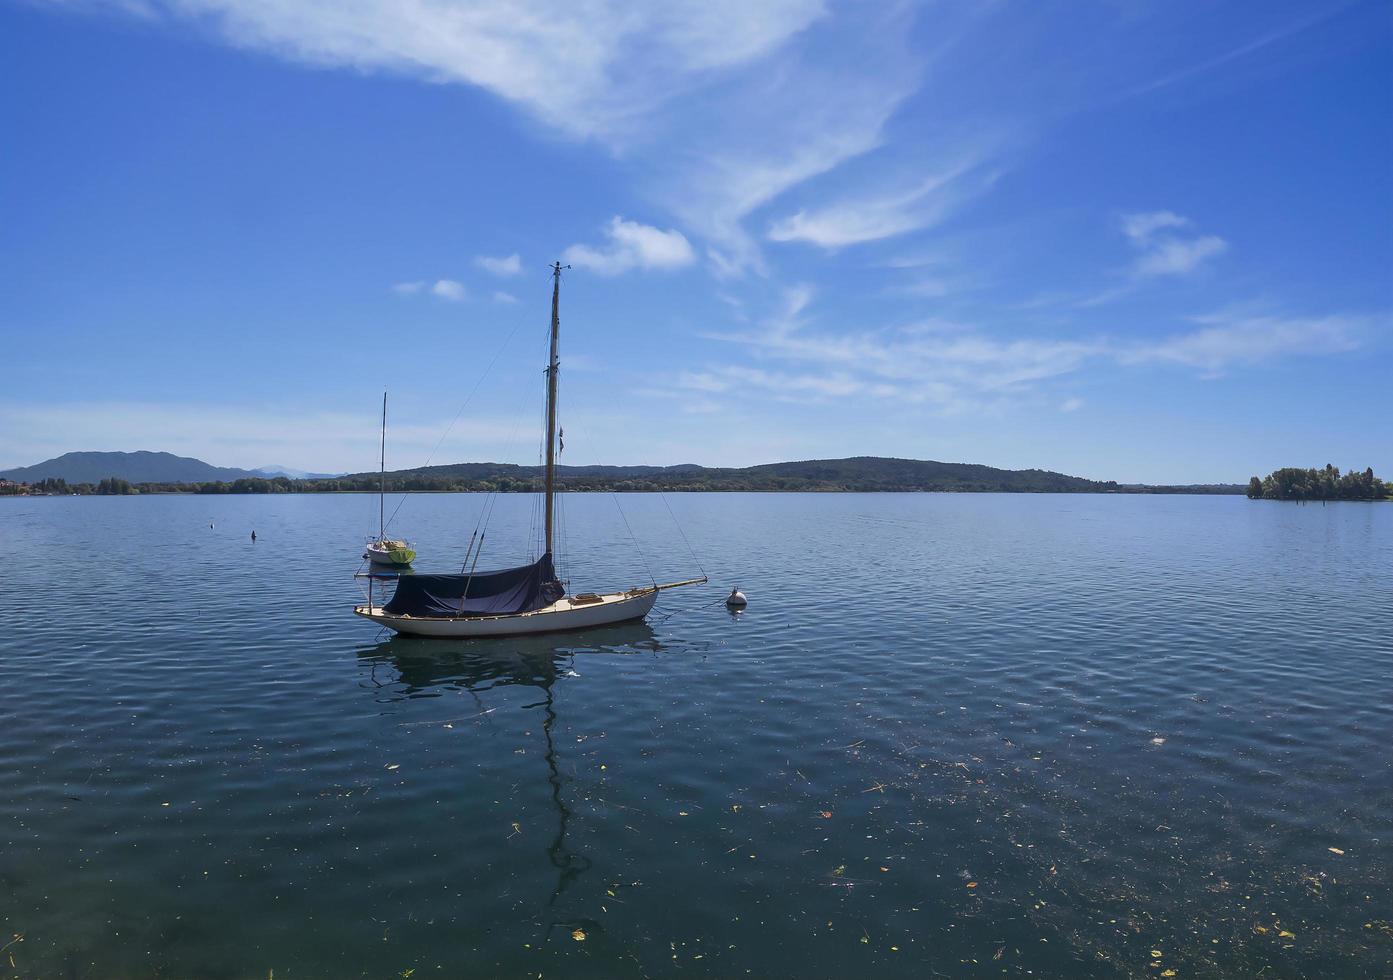 vista della barca sul lago foto